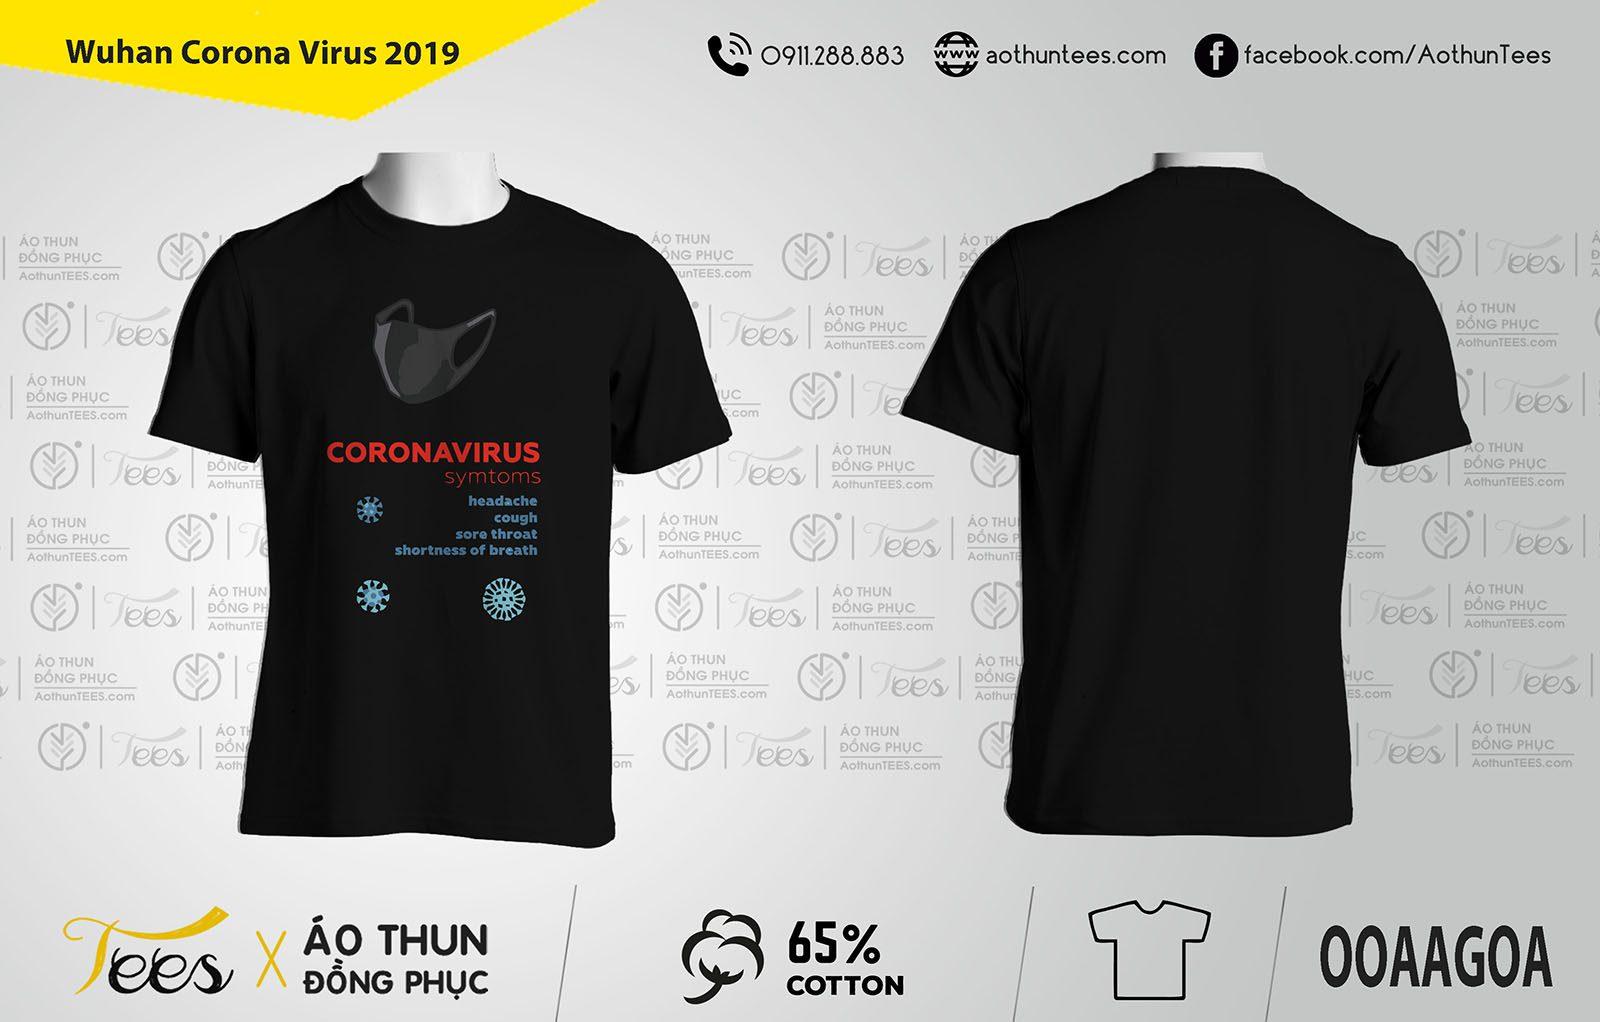 Áo thun phòng ngừa dịch bệnh Wuhan Corona Virus 2019